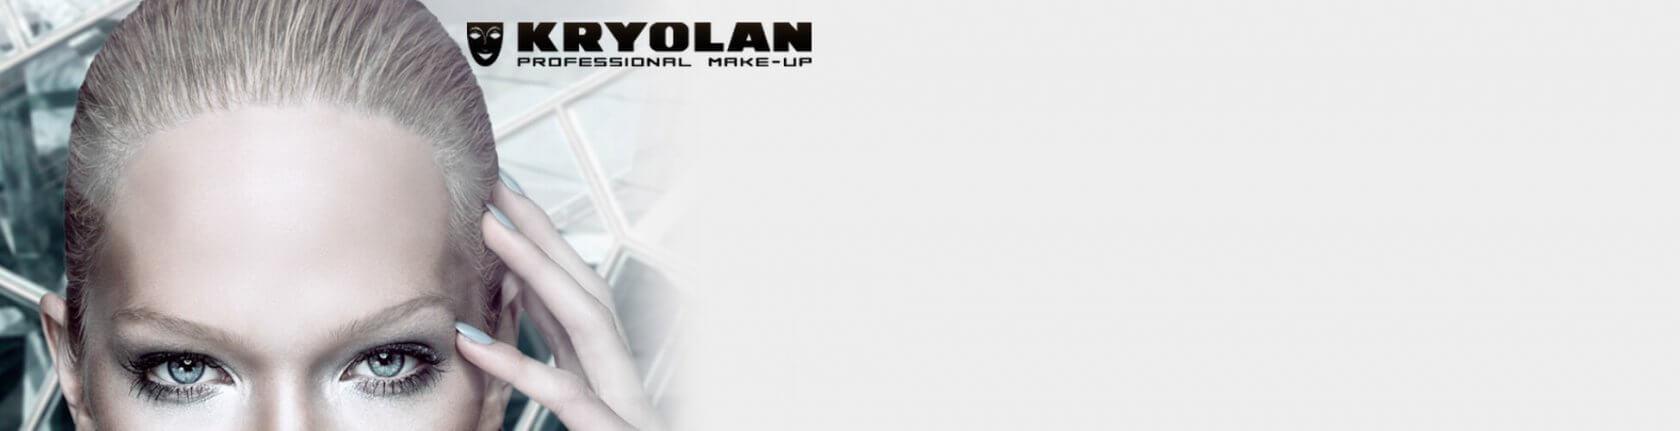 kryolanslider